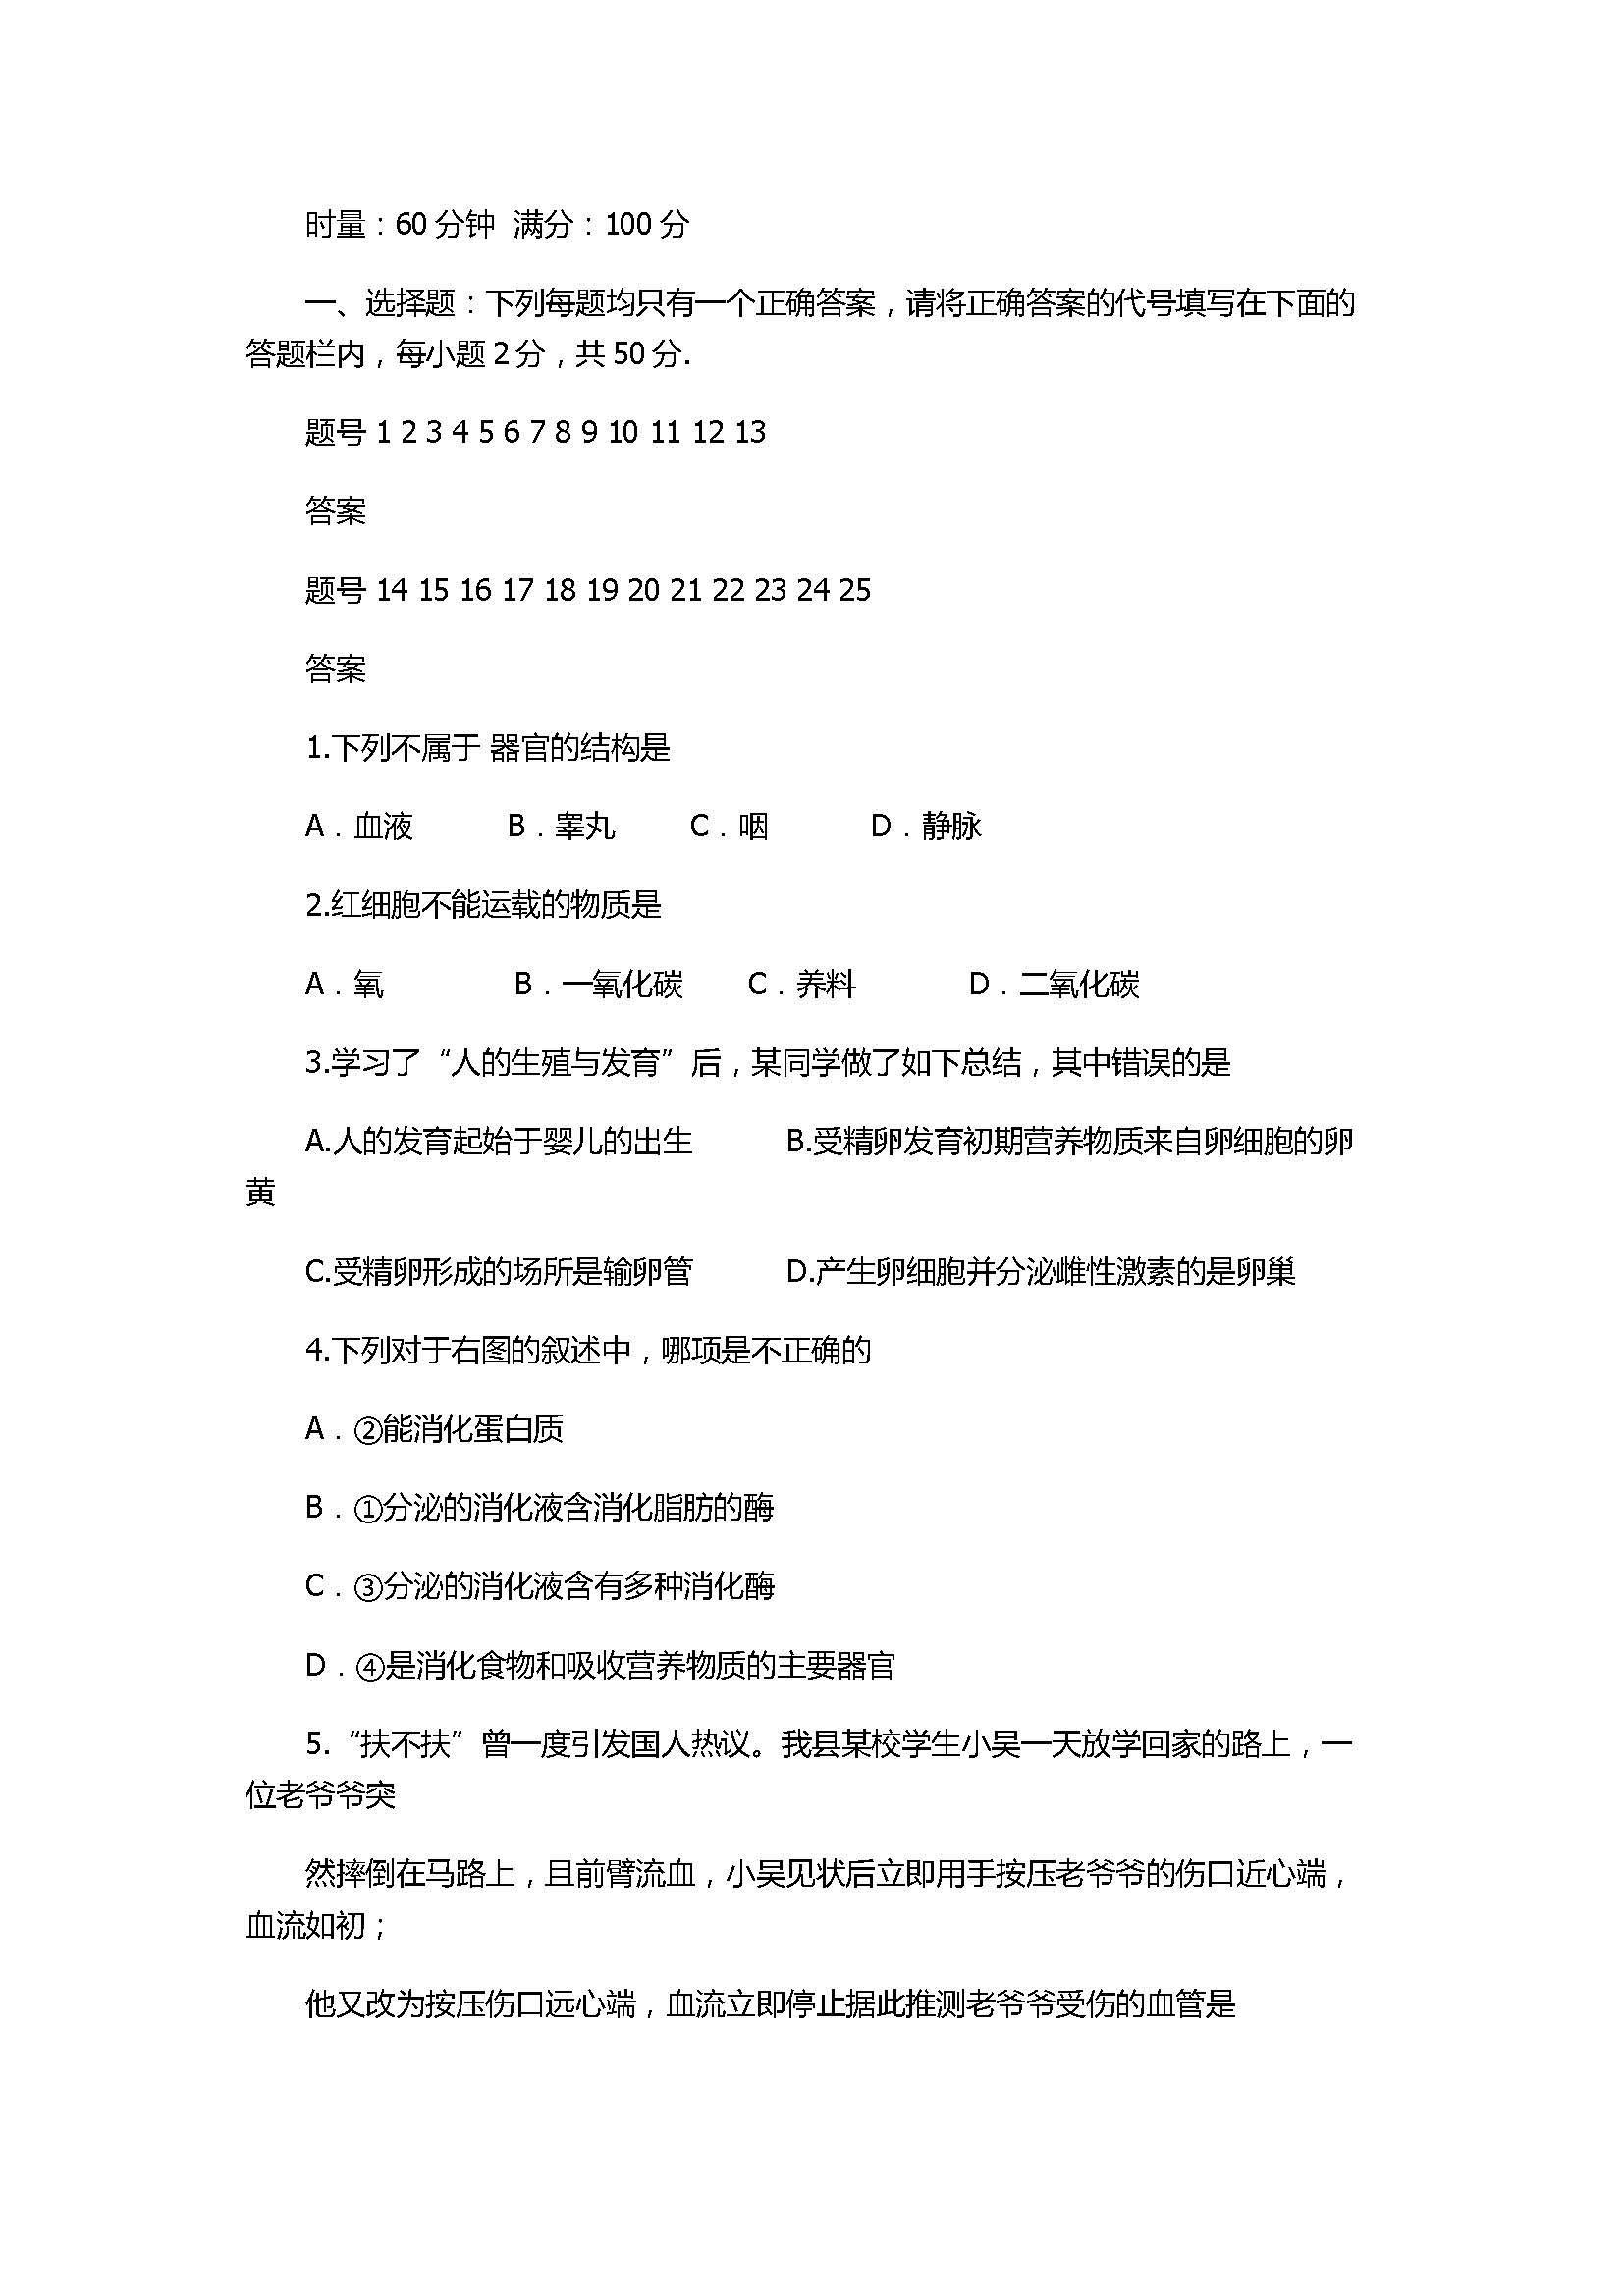 2017七年级生物期末试卷附参考答案(湘潭市新人教版)